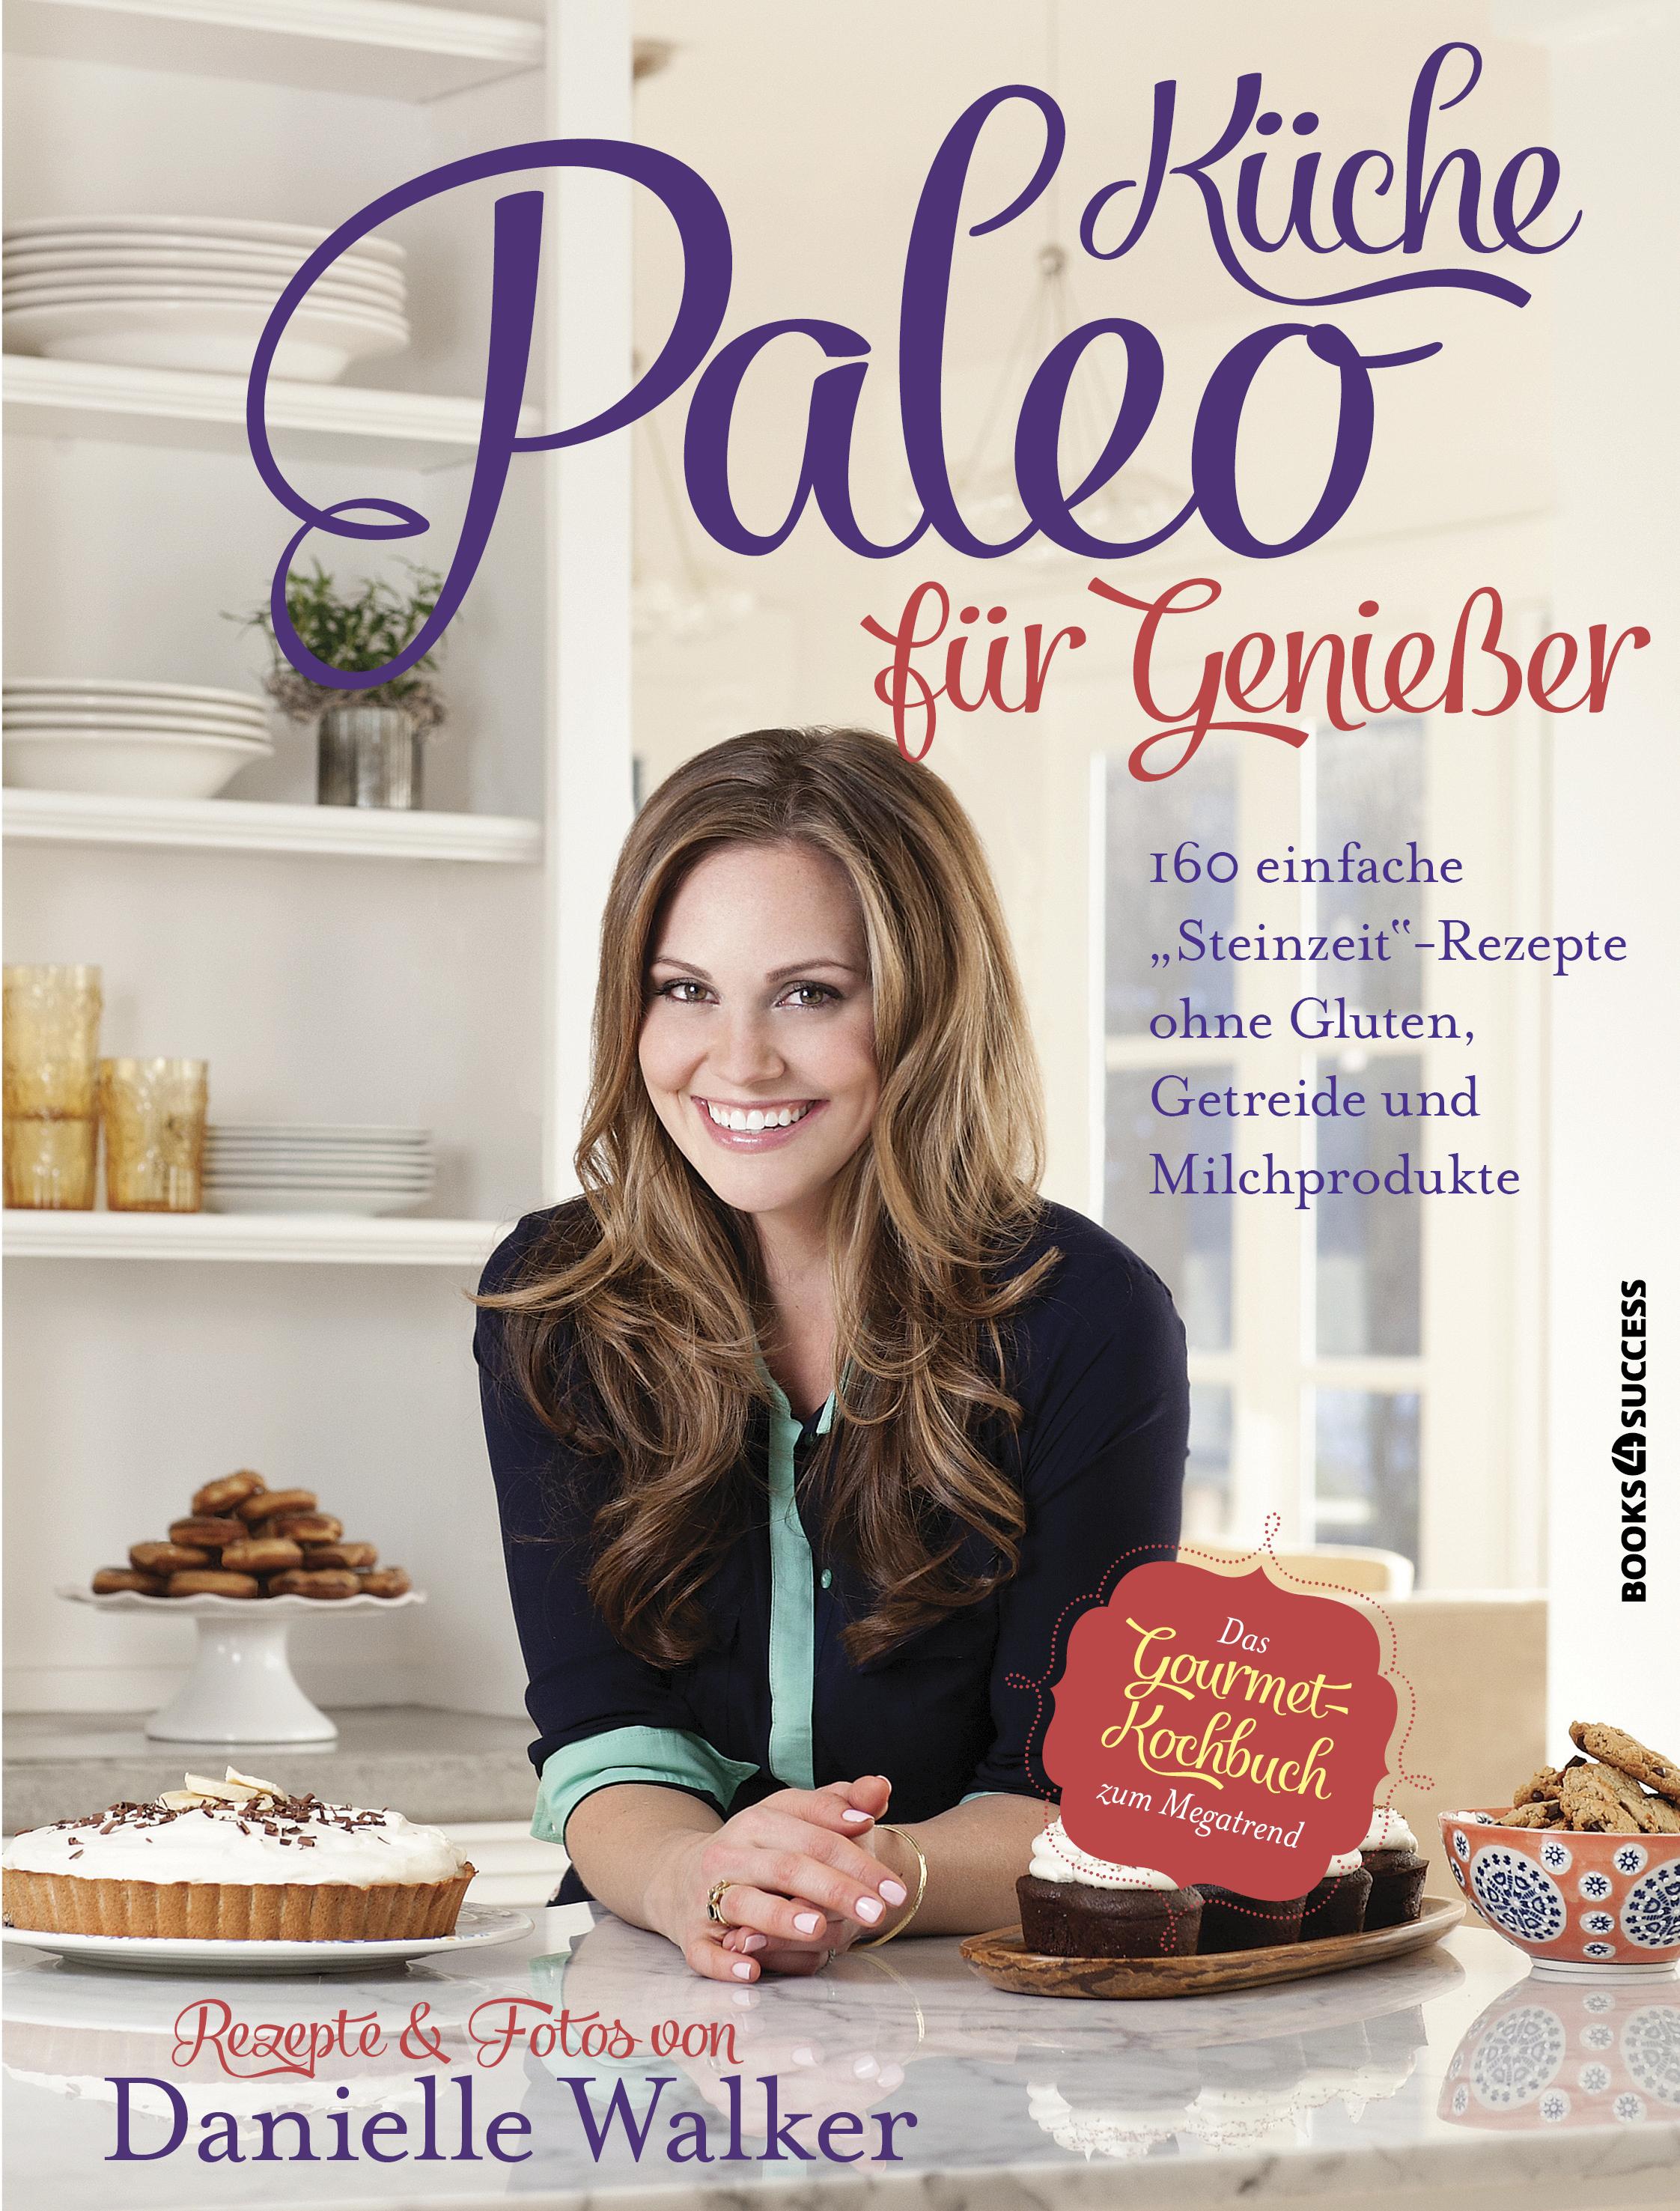 Paleo-Küche für Genießer: 160 einfache Rezepte ohne Gluten, Getreide und Milchprodukte - Danielle Walker